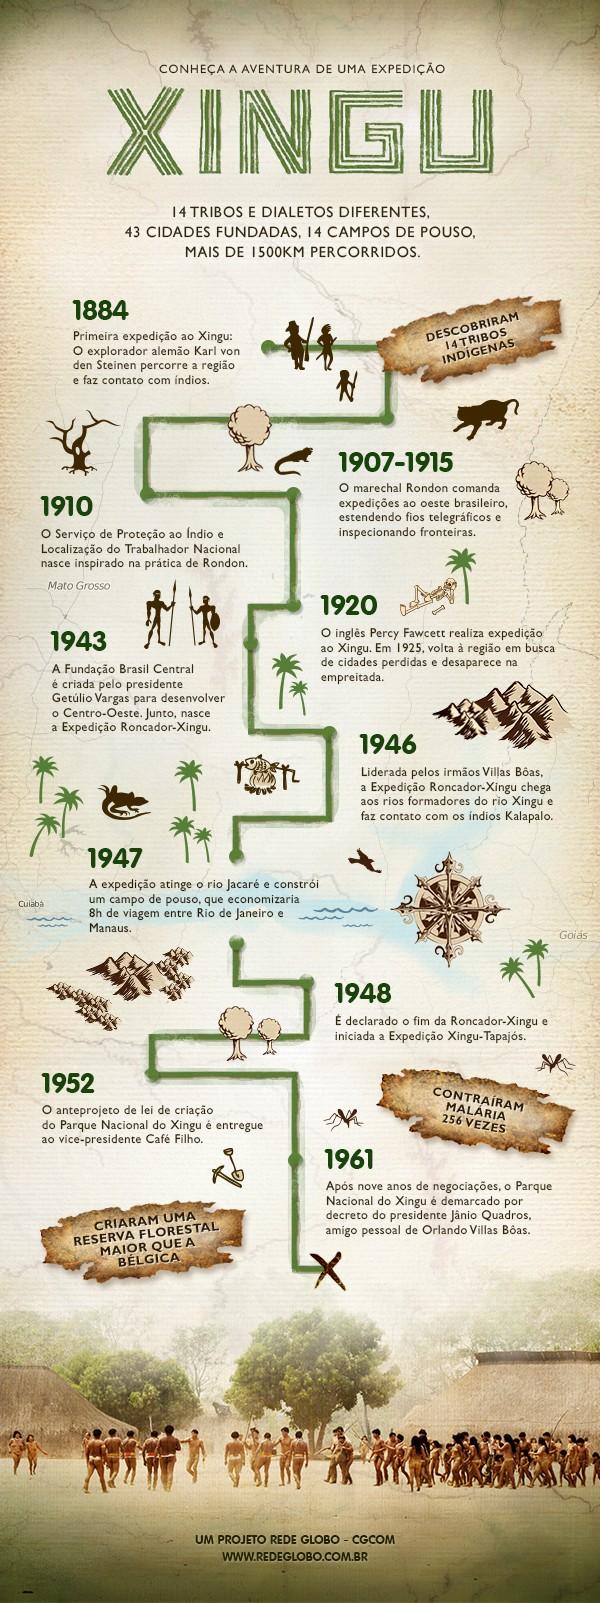 Infográfico mostra curiosidades reais sobre a expedição retratada na microssérie Xingu (Foto: Reprodução)